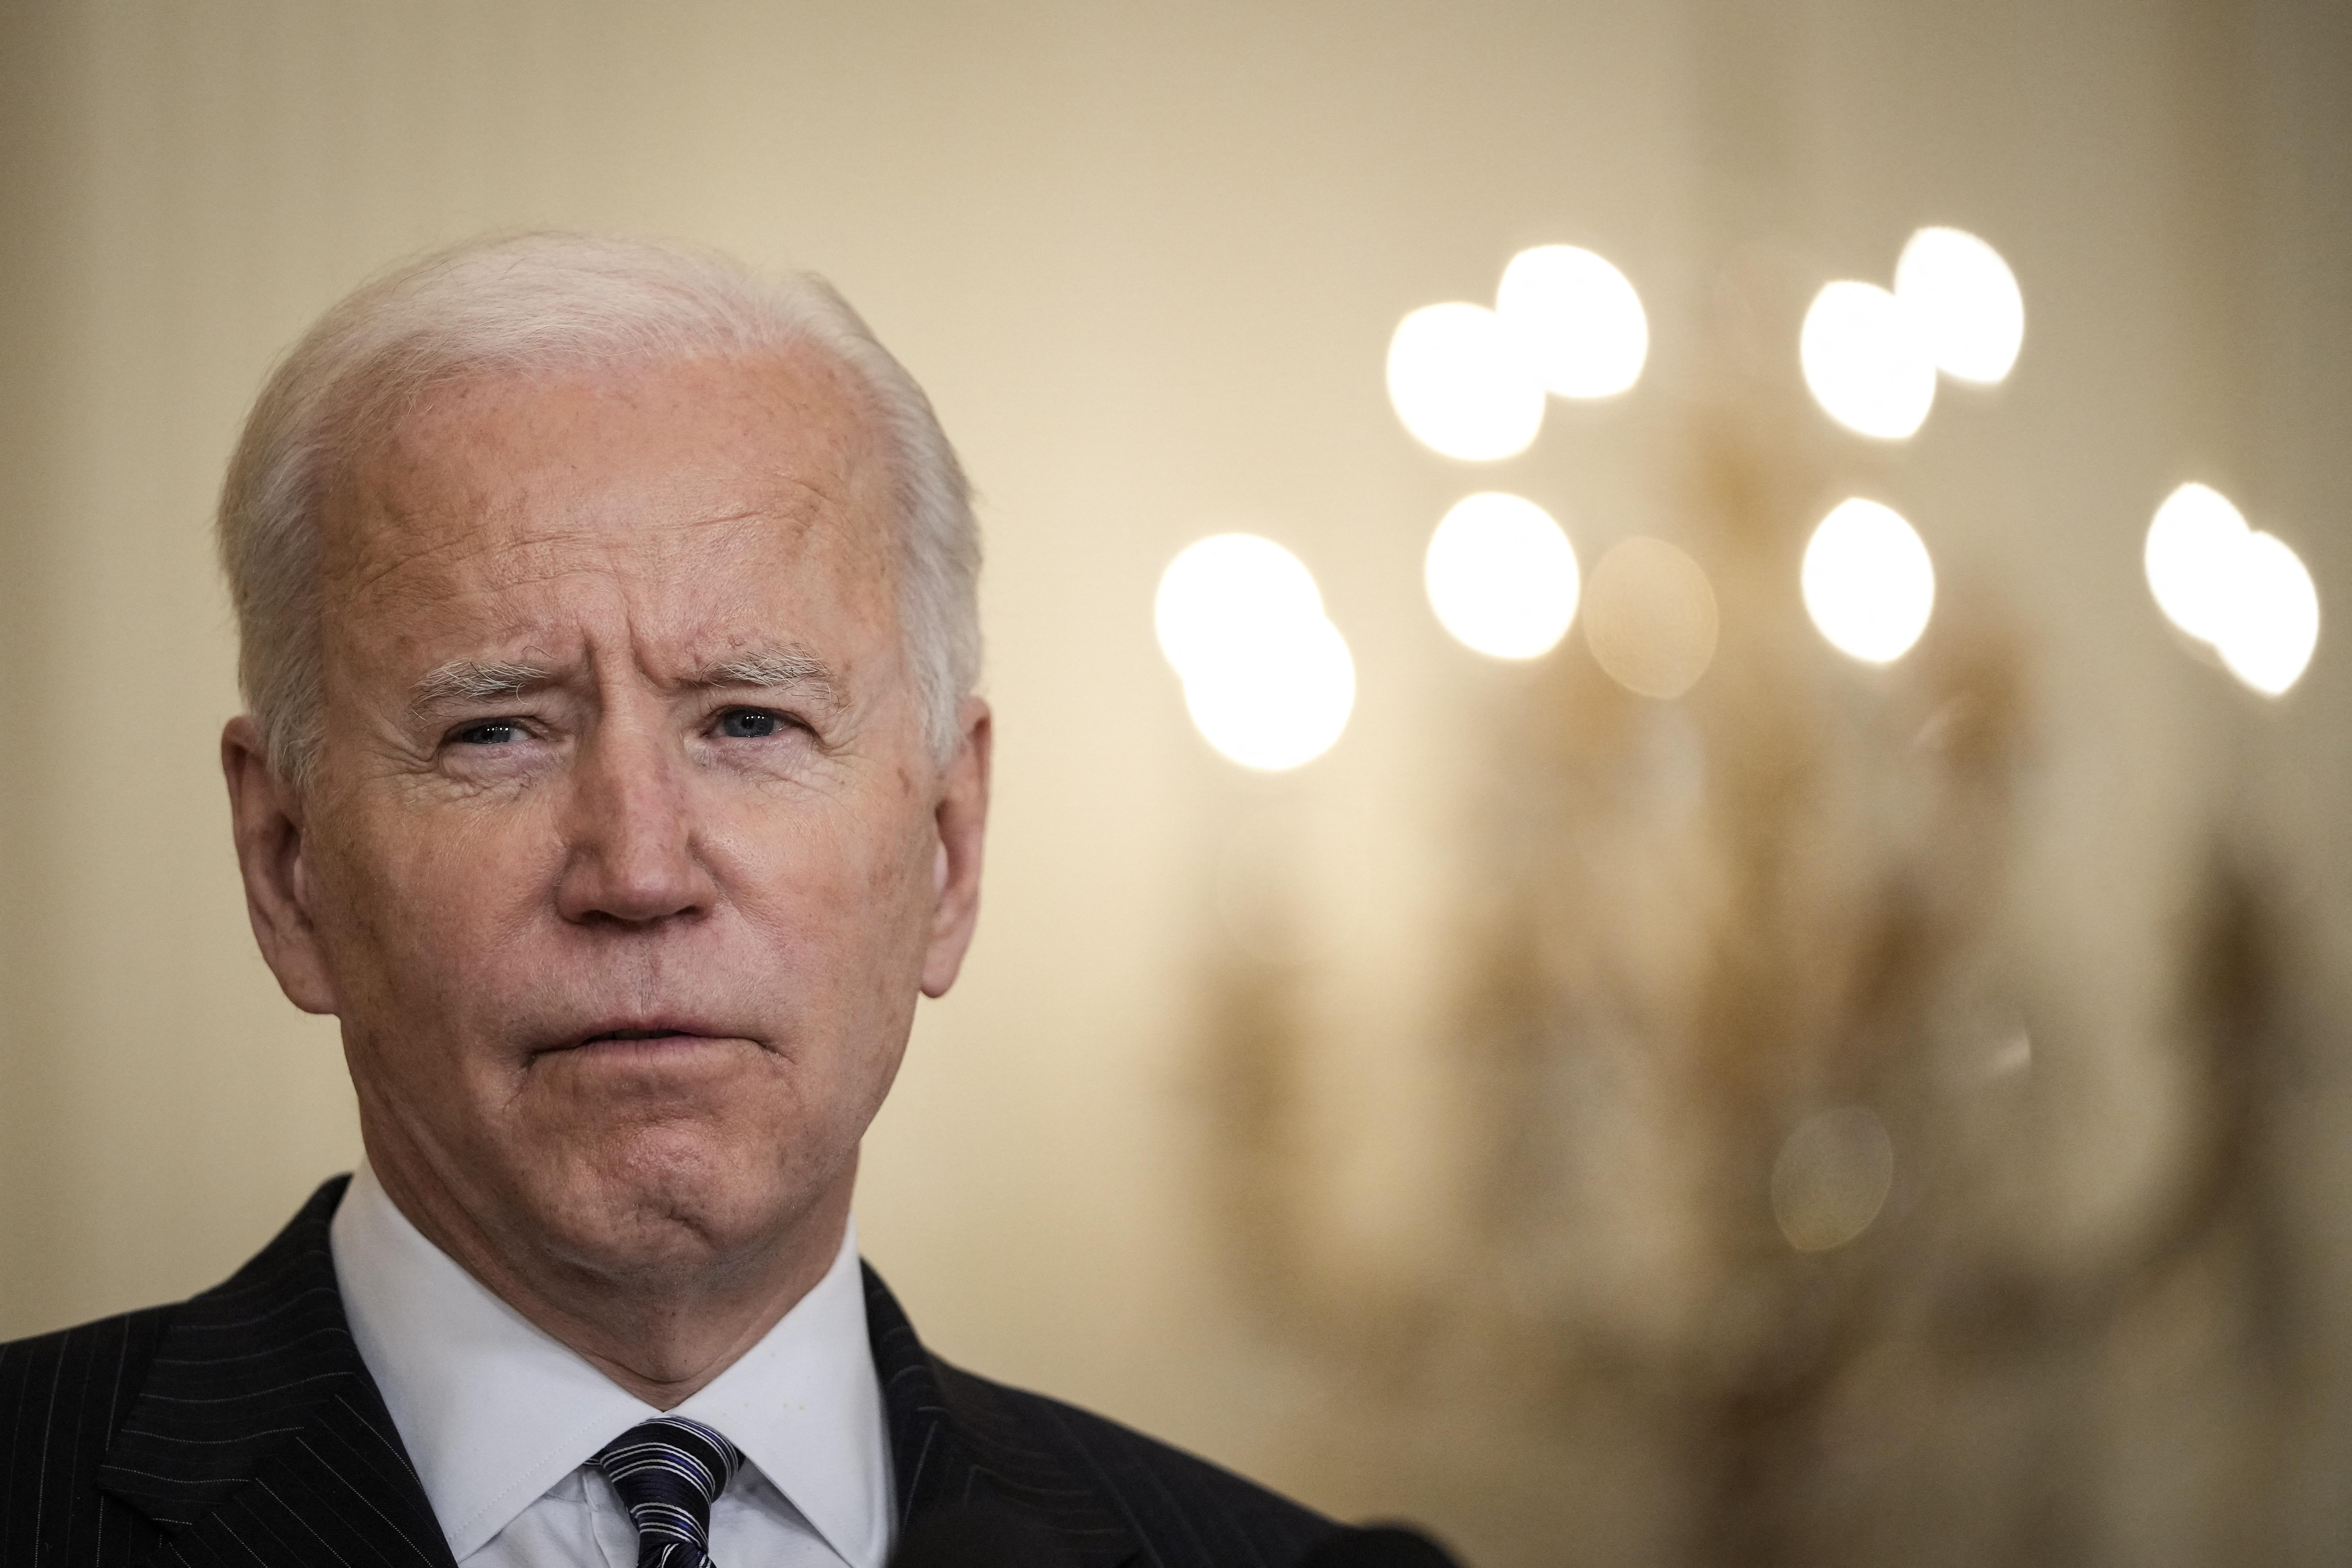 Biden utasította a hírszerzést, hogy 90 napon belül mondják meg, honnan ered a koronavírus